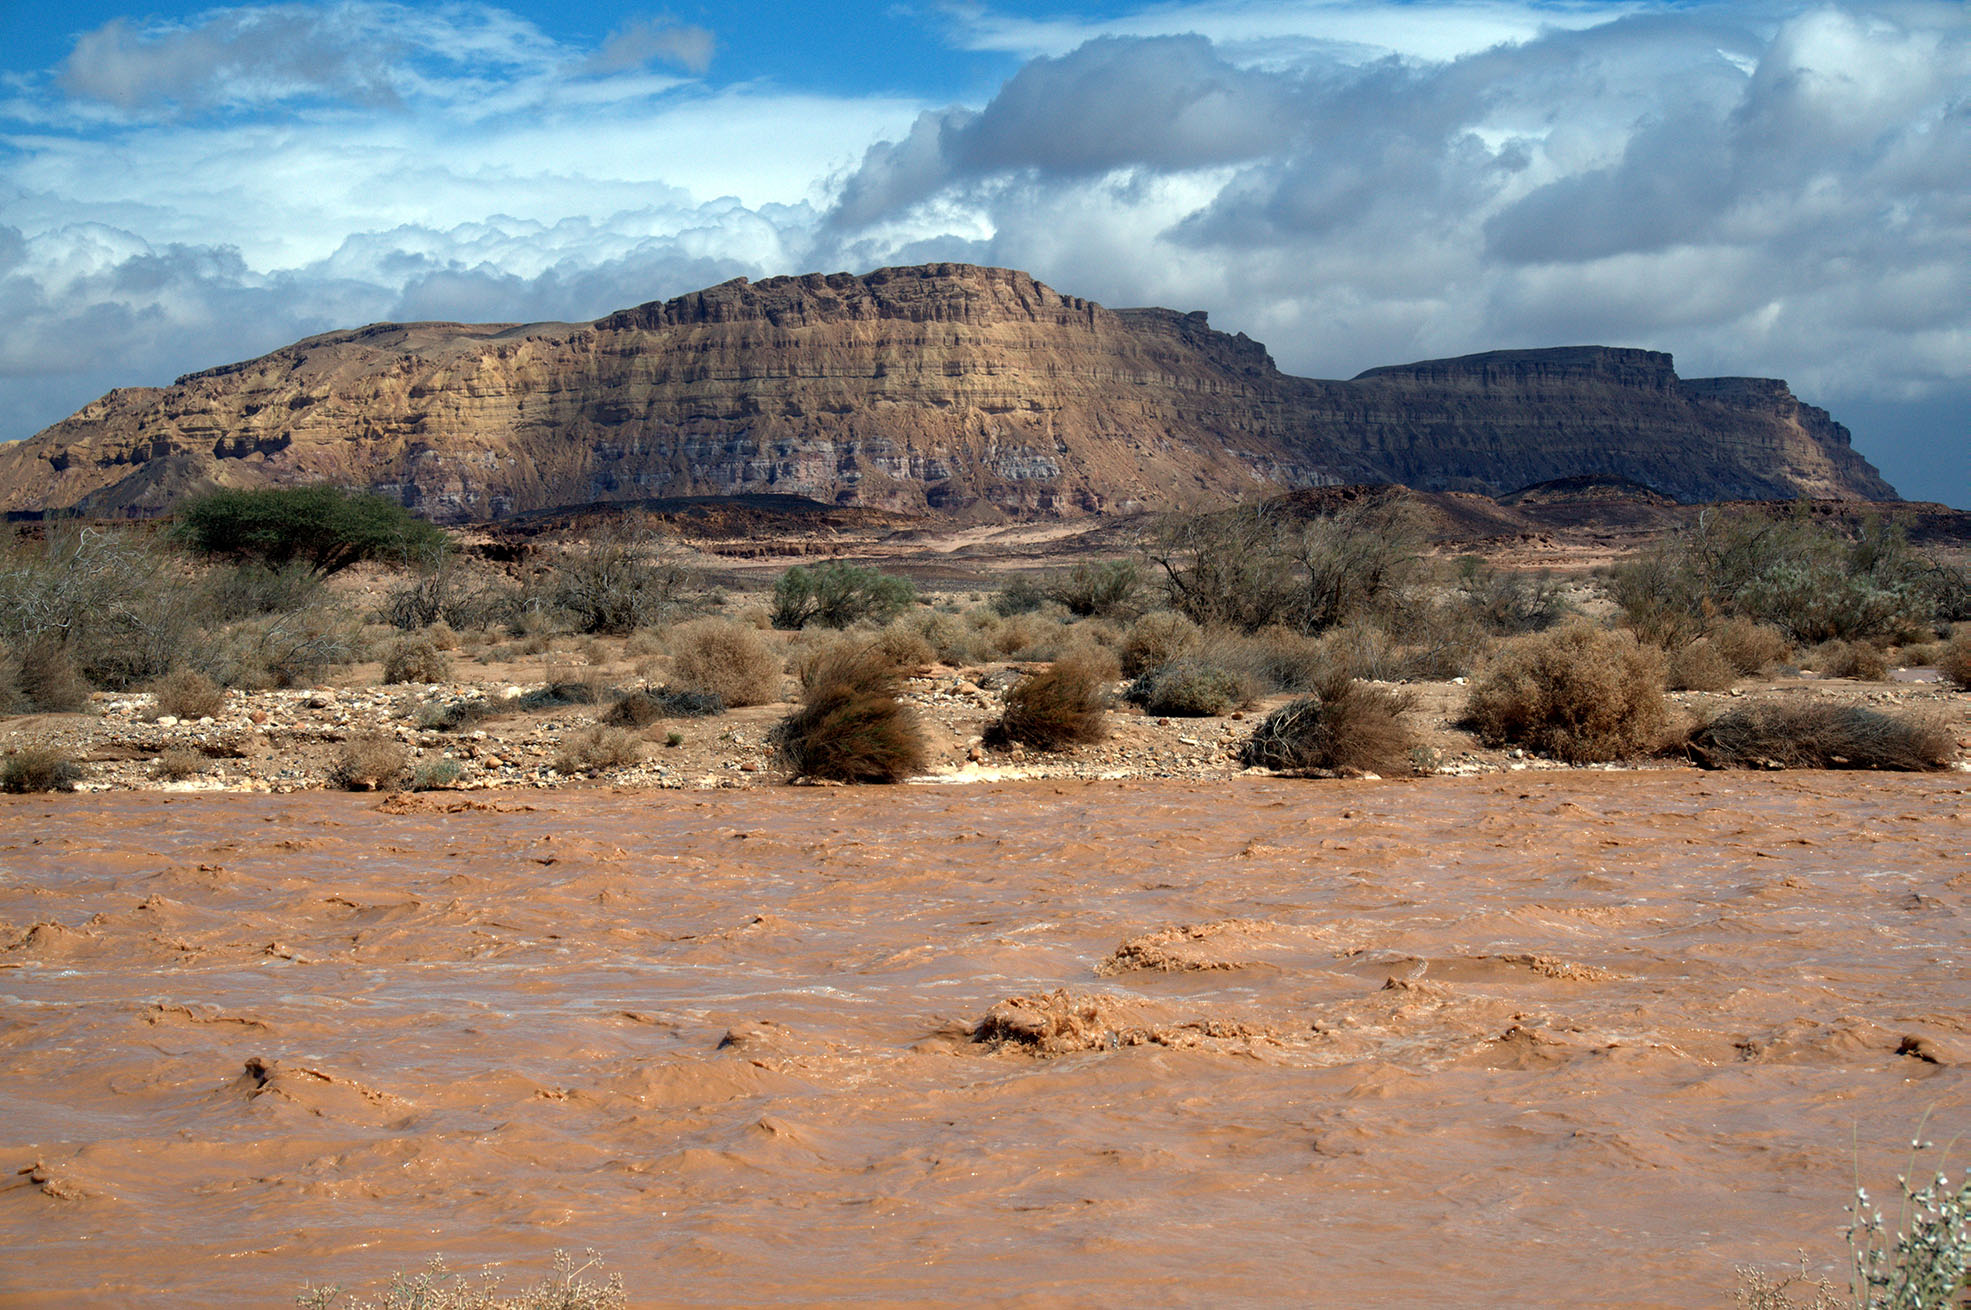 שיטפונות במדבר